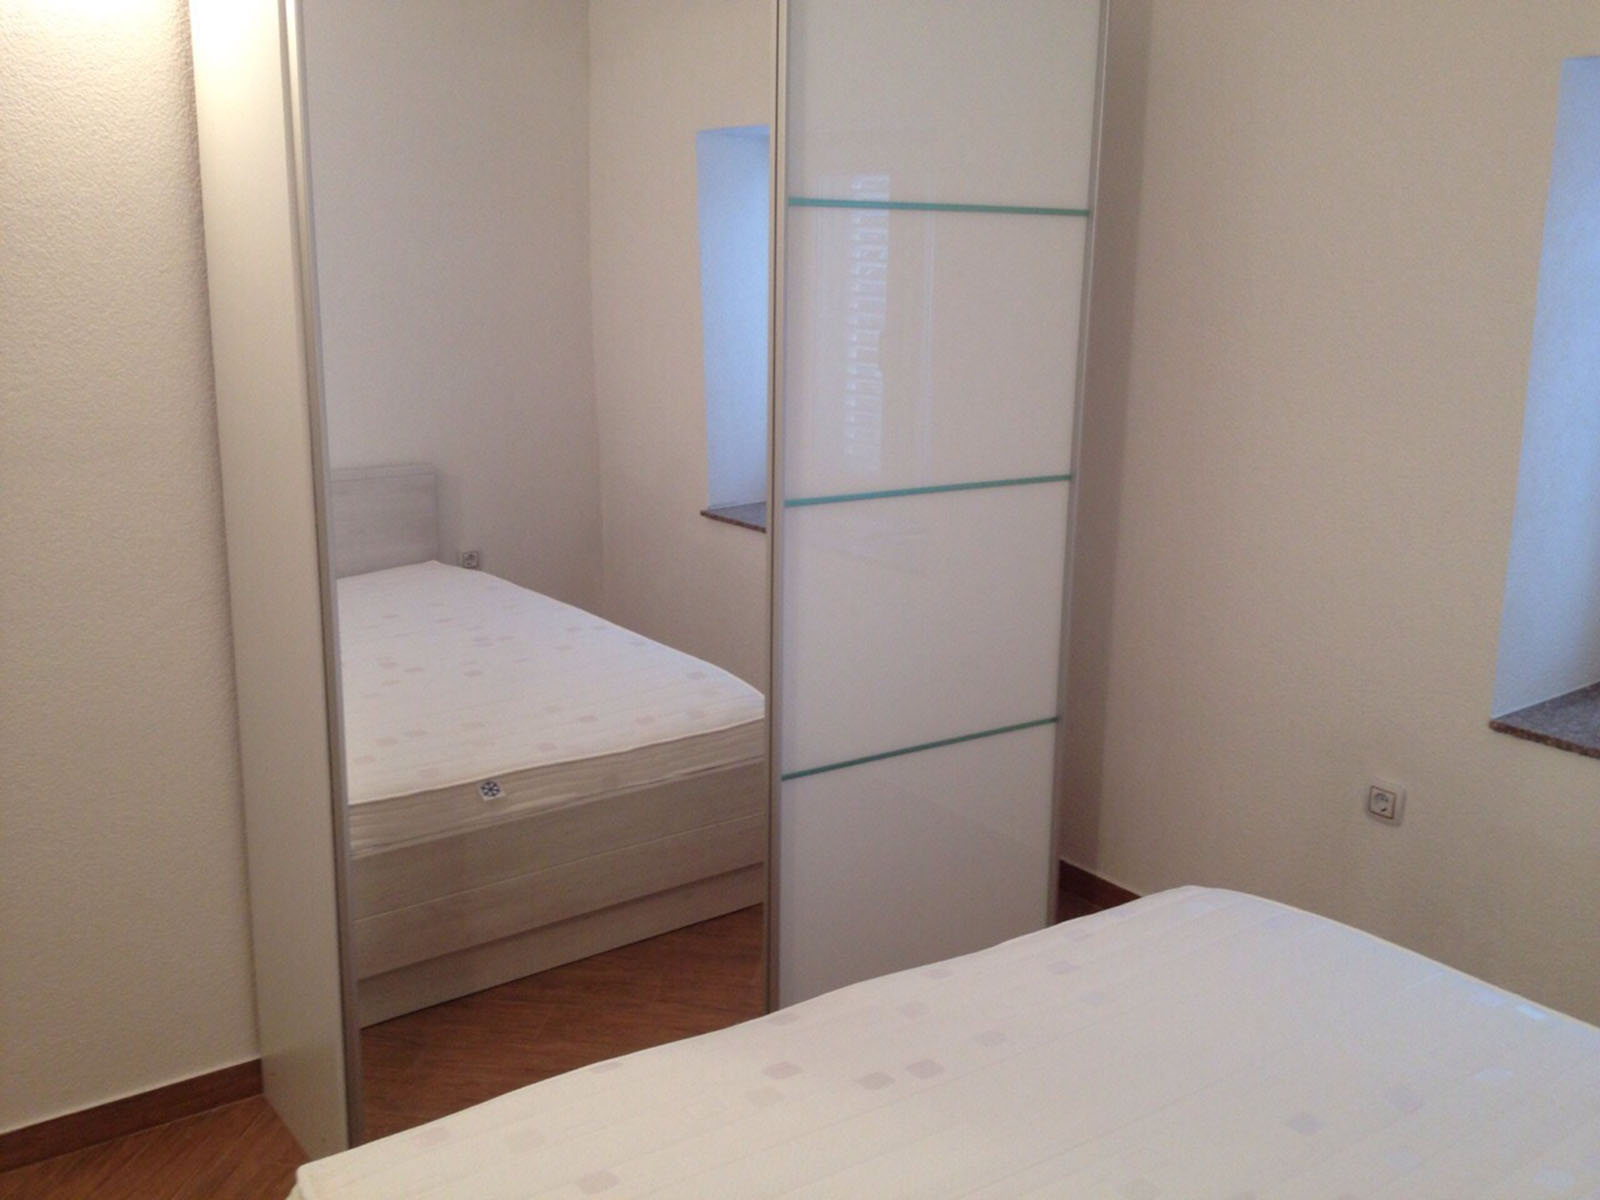 apartments4U-croatia-dugi-otok-indoor-15